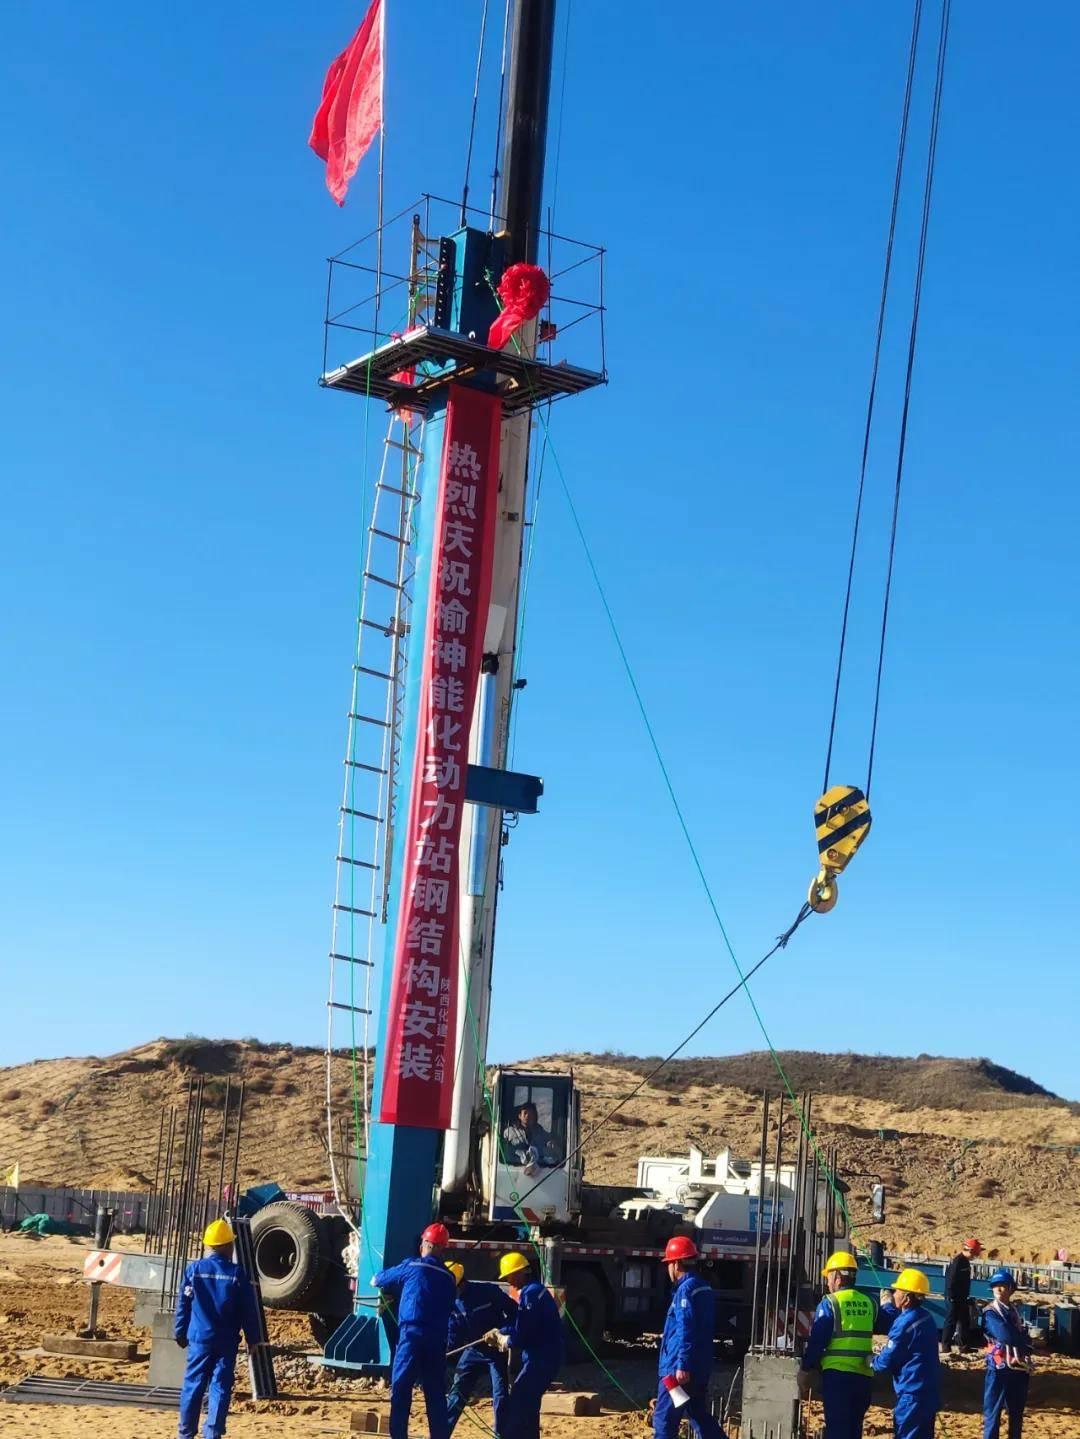 陕西延长总投资70元 50万吨煤基乙醇项目最新进展